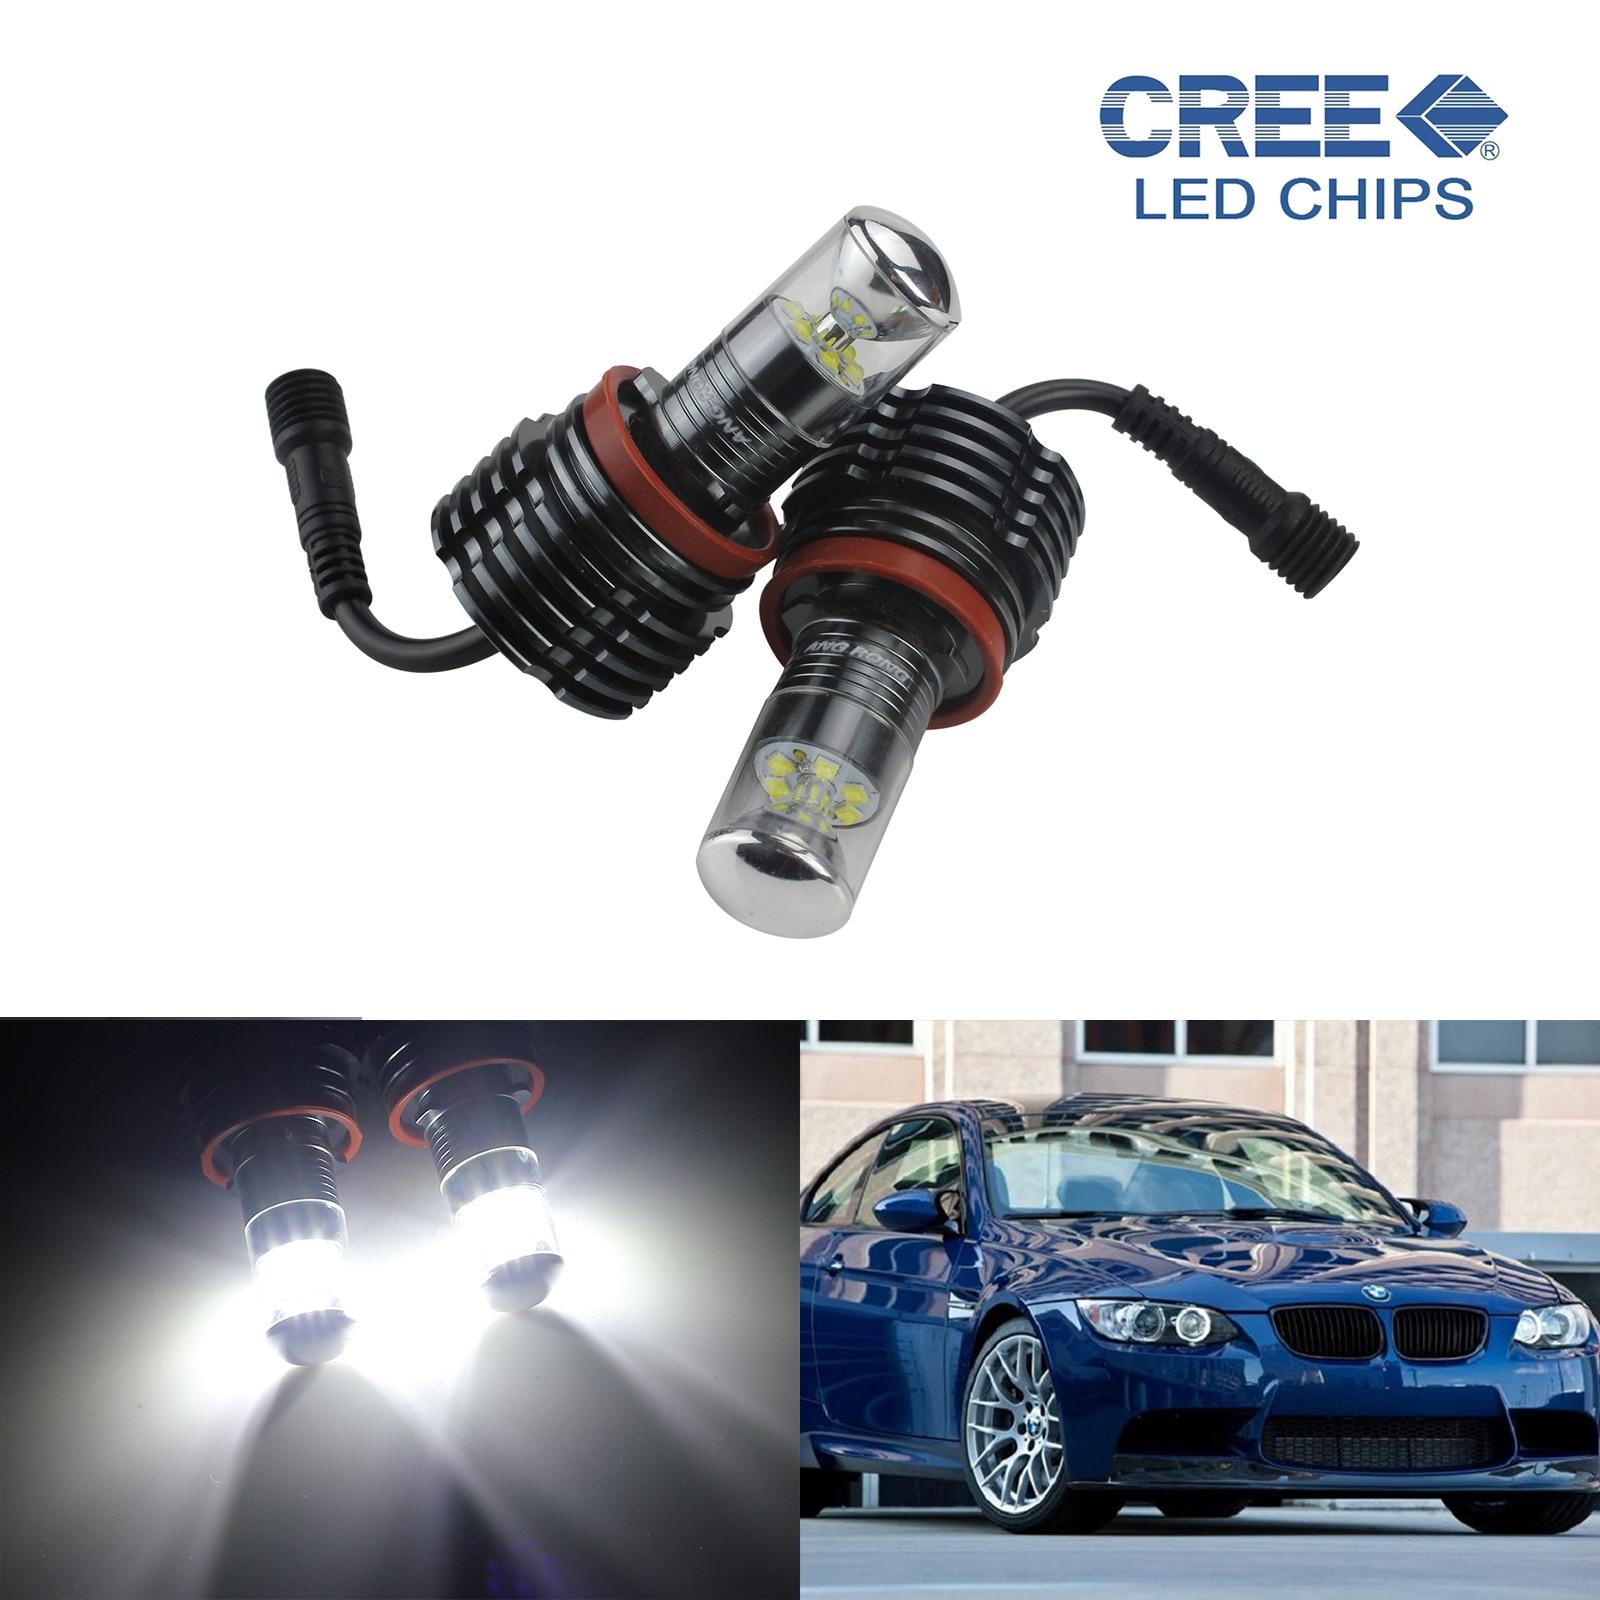 ANGRONG 2X For BMW H8 Bulb 30W C,ree LED White Angel Eyes Light E60 E61 E63 E64 E91 E90 LCI 6w angel eyes 2 led red light bulb for bmw e90 e91 pair 8 30v